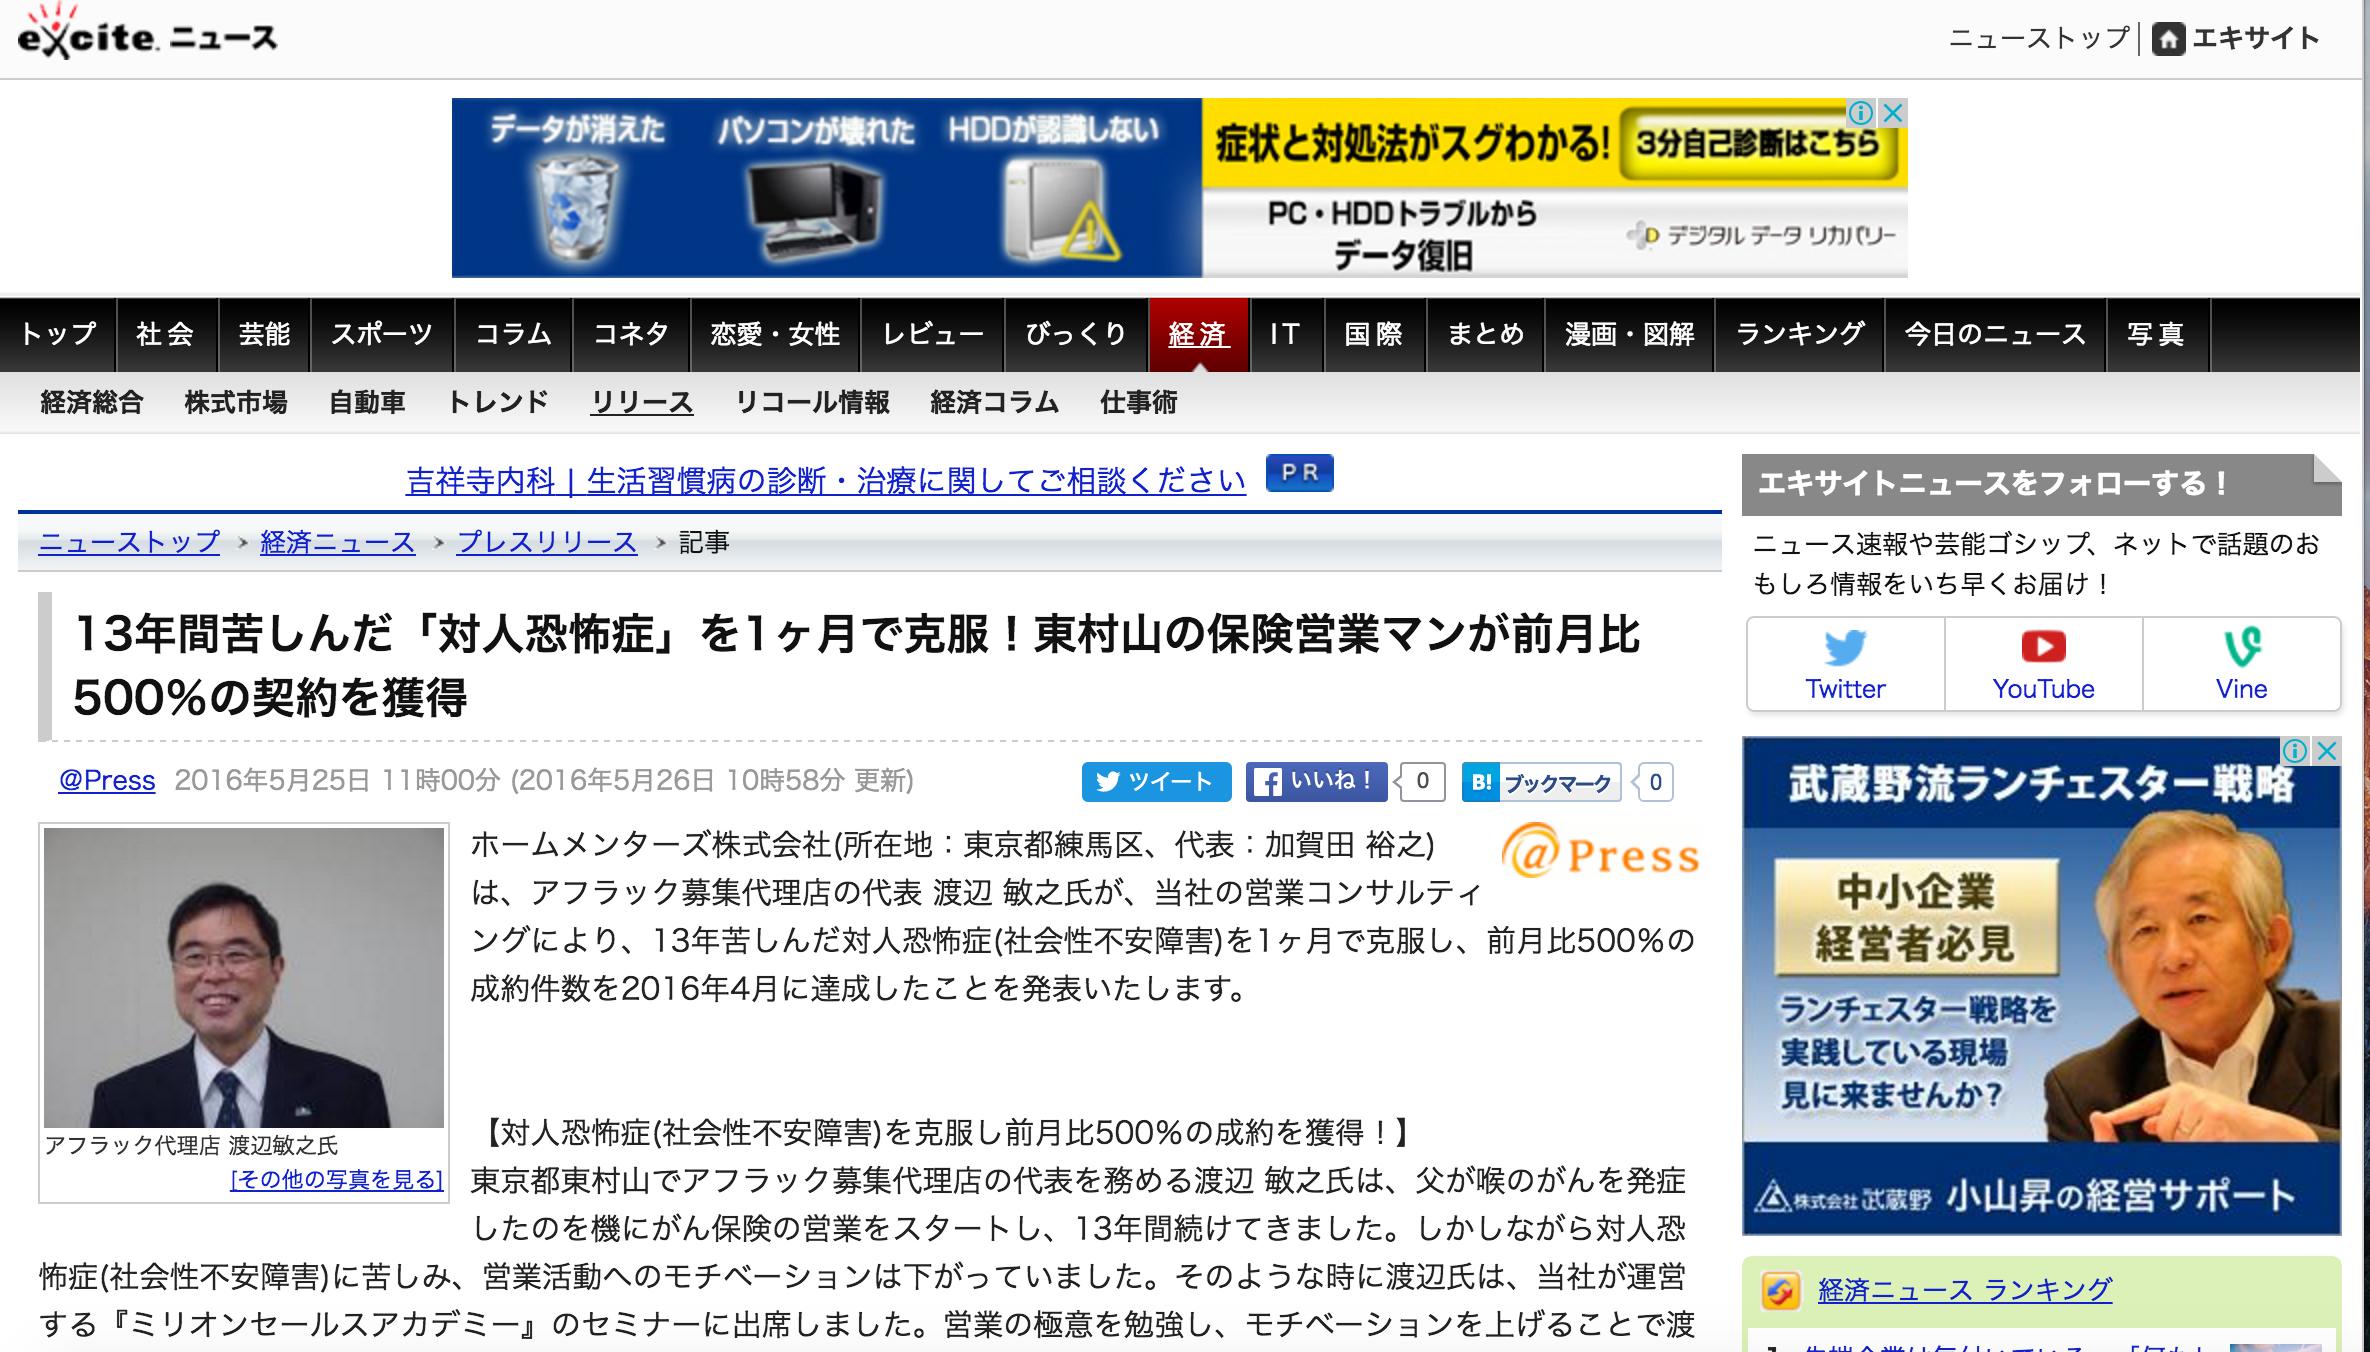 営業セミナー:エキサイトニュース